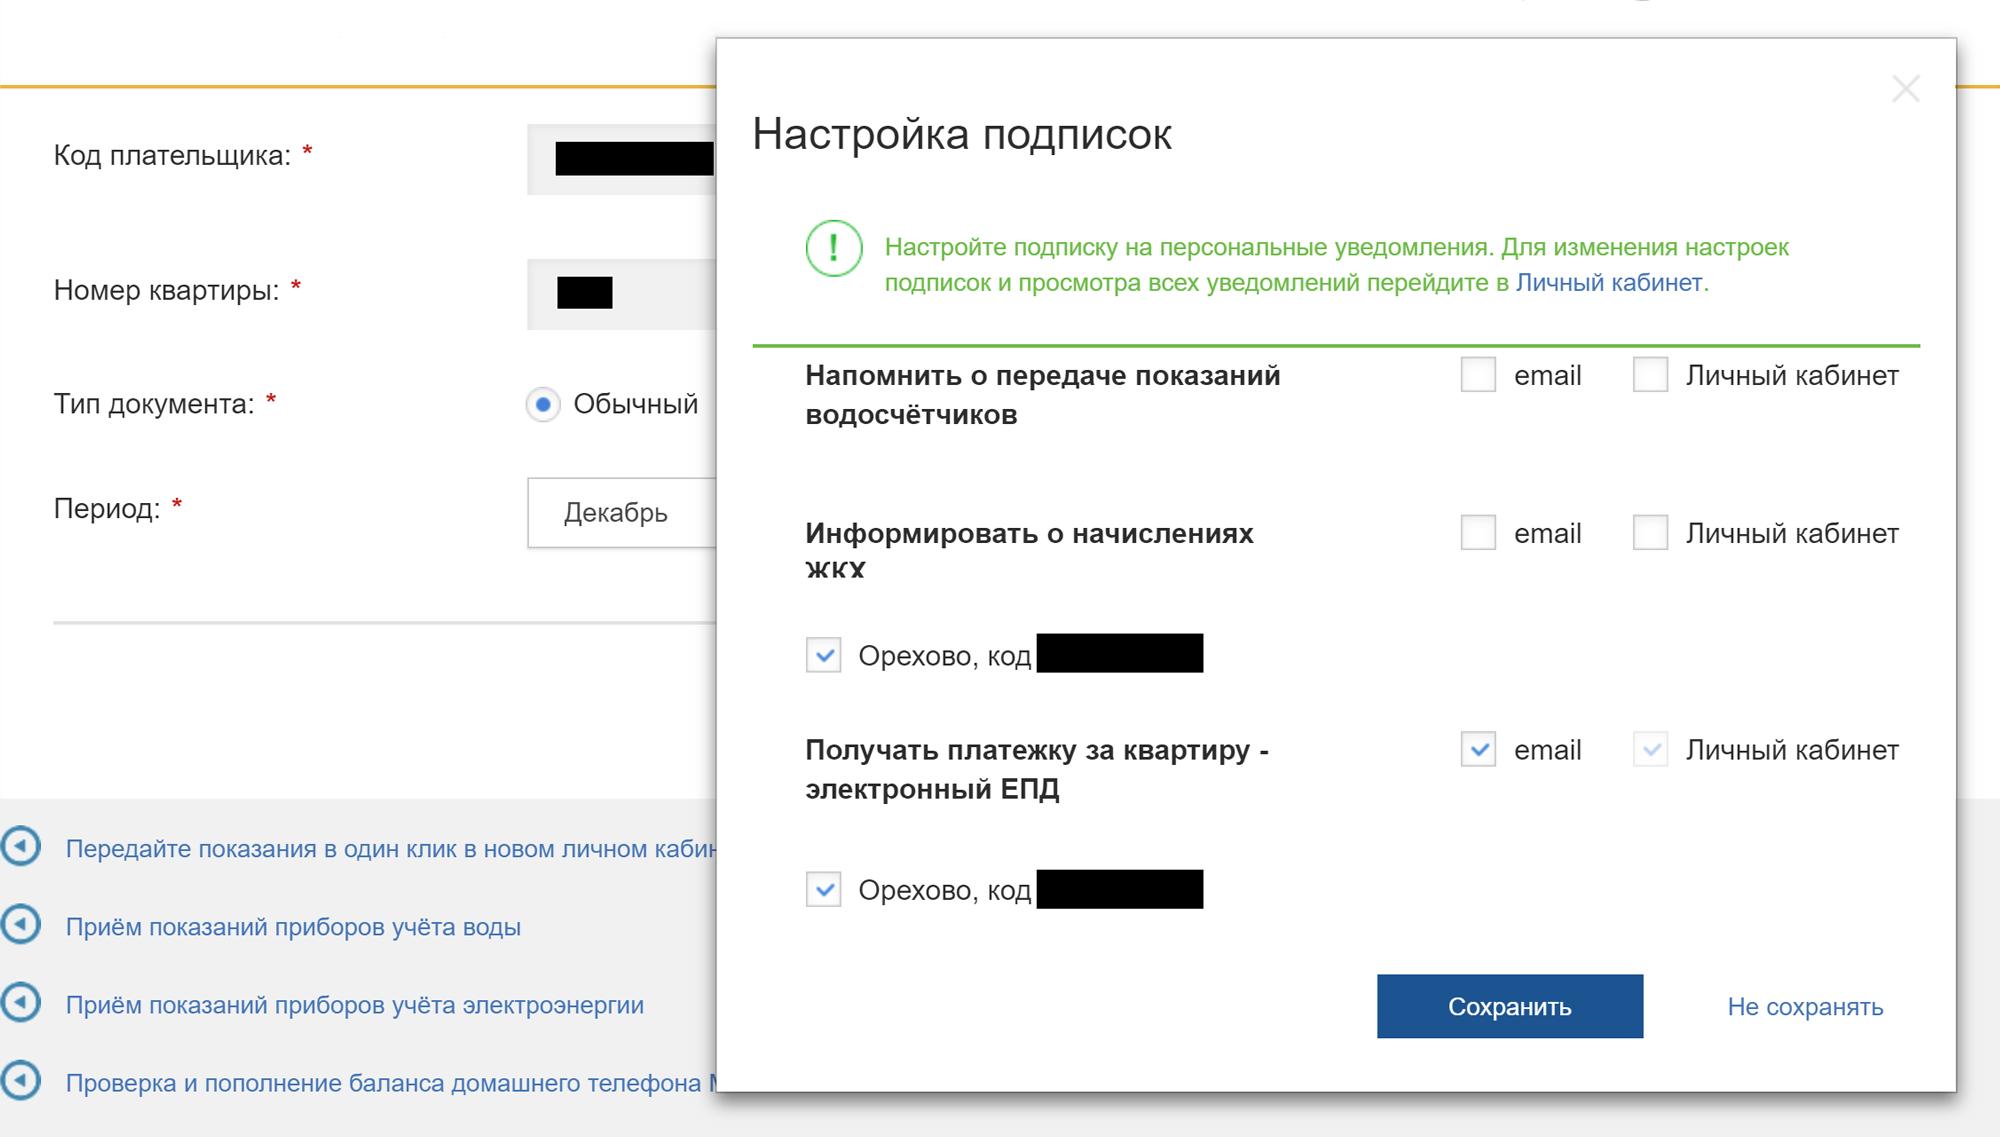 Сайт предложит оформить подписку на уведомления по электронной почте и смс